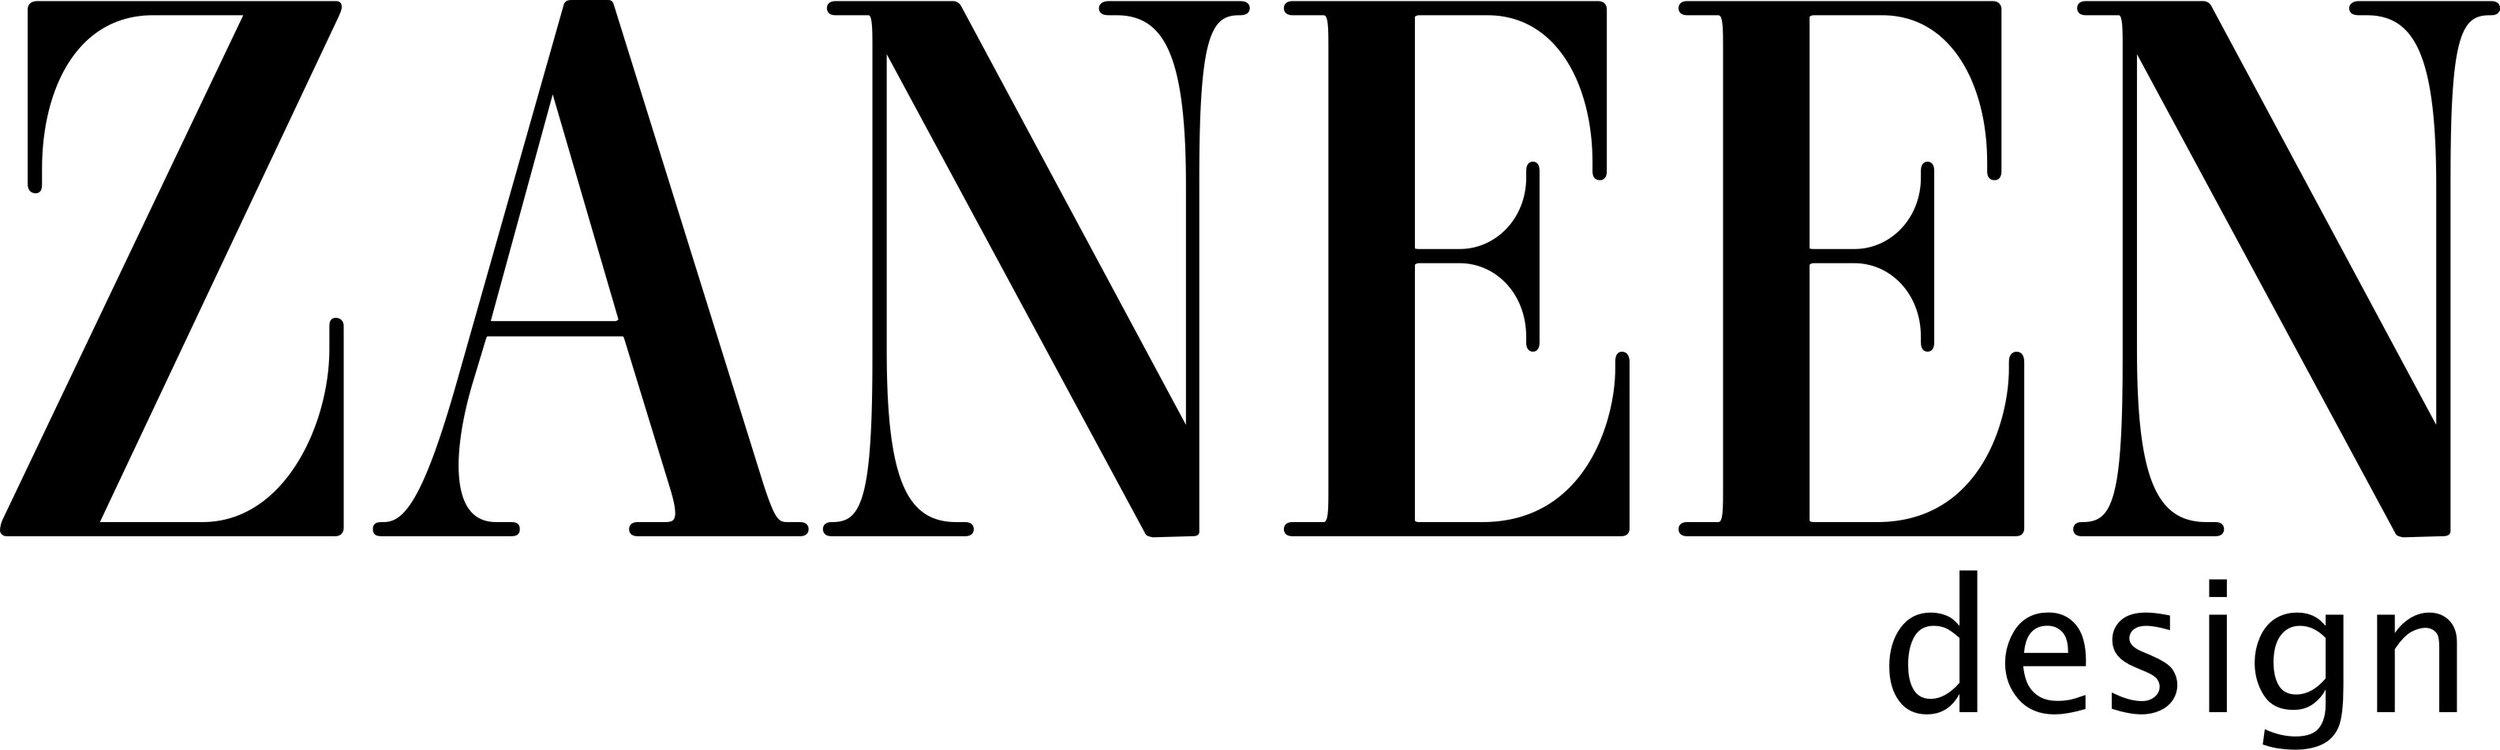 zaneen logo.png